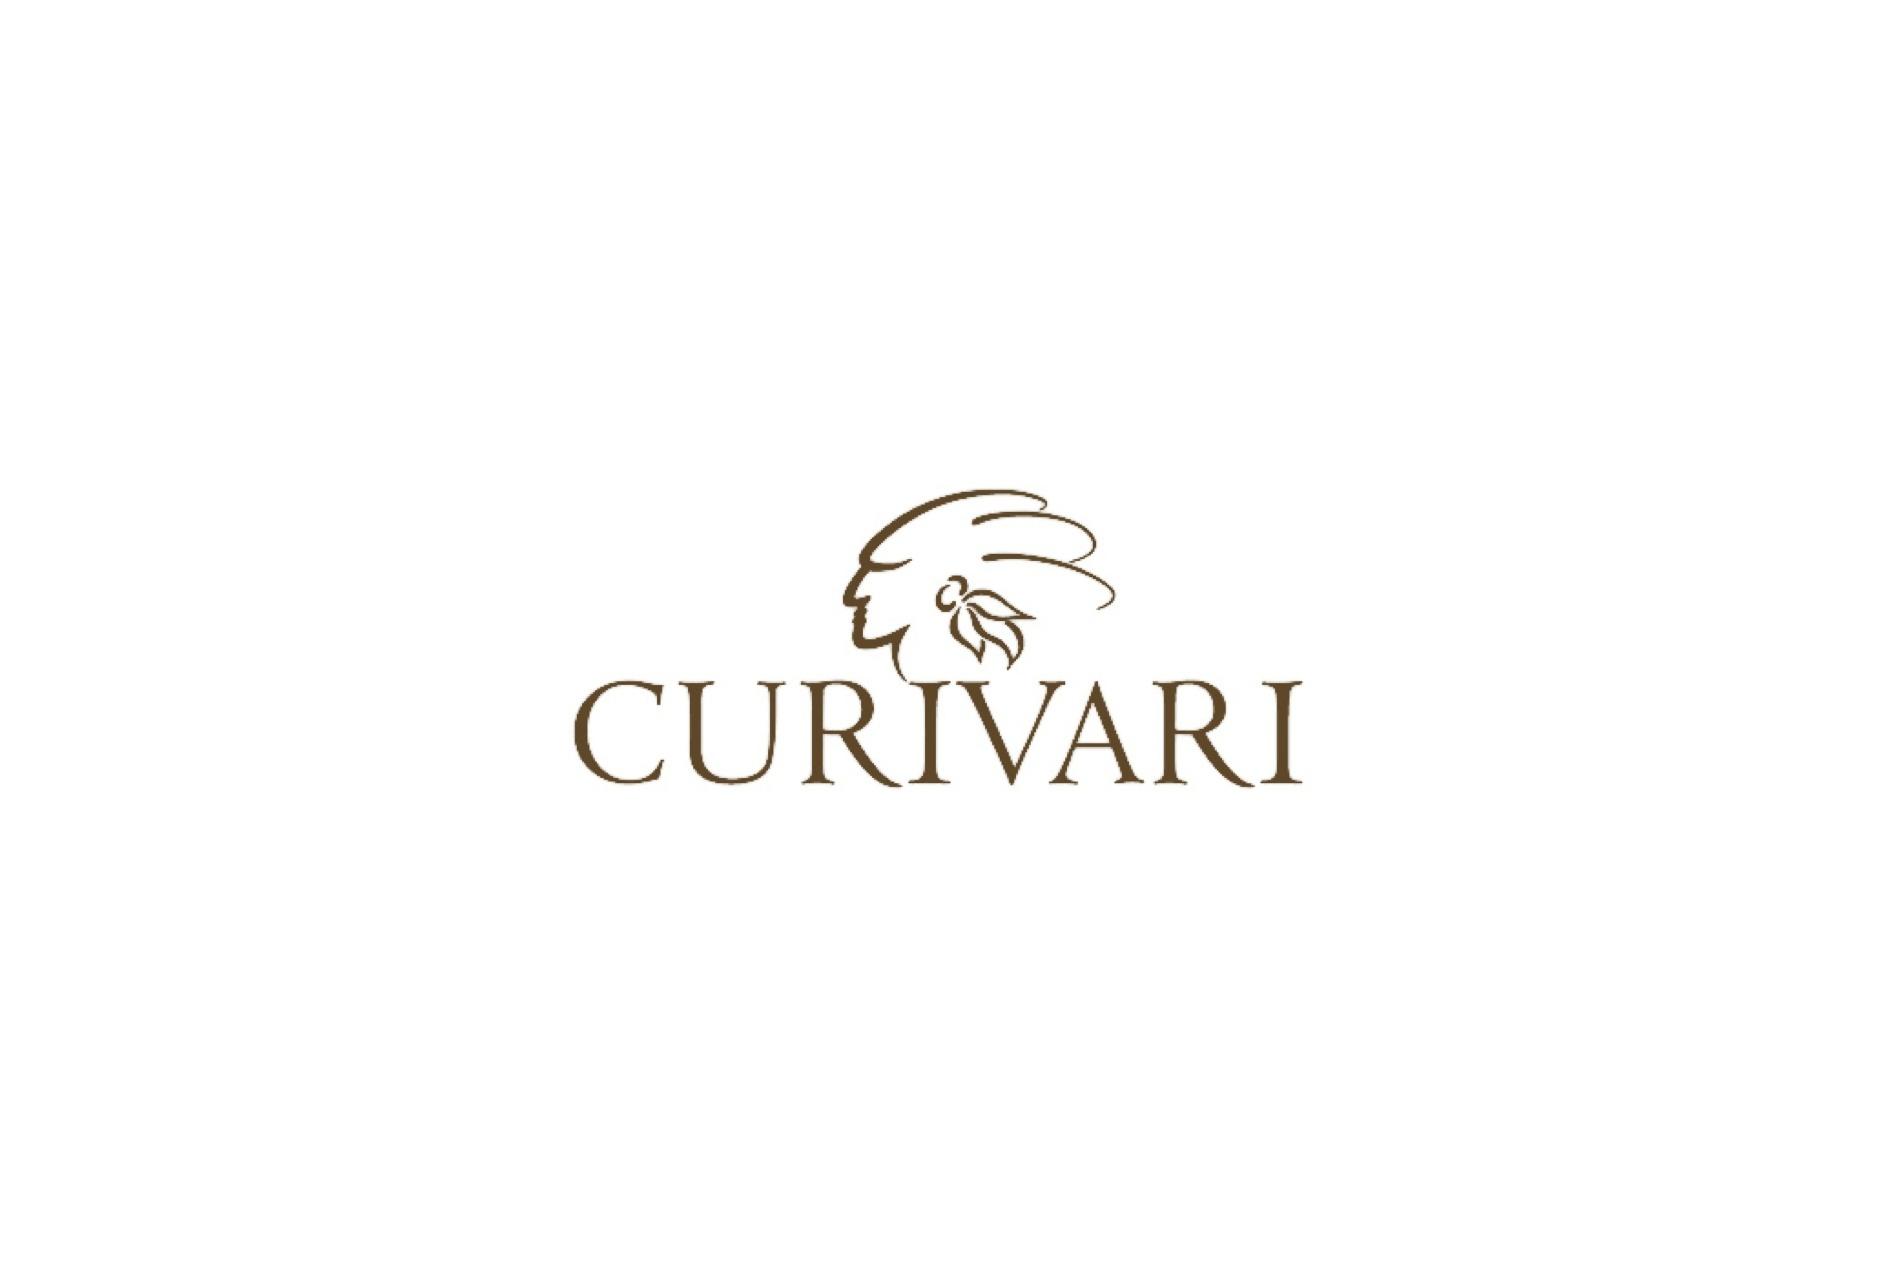 Curivari-Logo.jpg